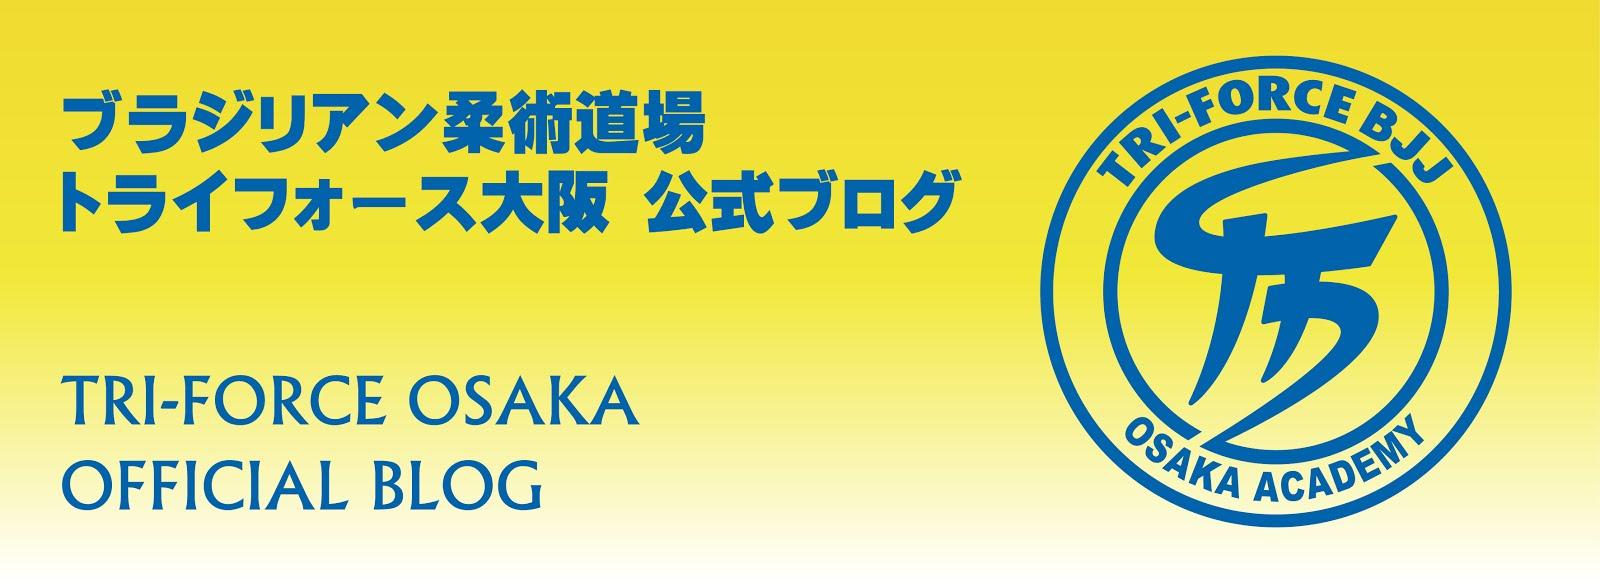 トライフォース大阪 Tri-Force BJJ Osaka 大阪 中央区 本町 御堂筋 グレイシー柔術 護身術 格闘技